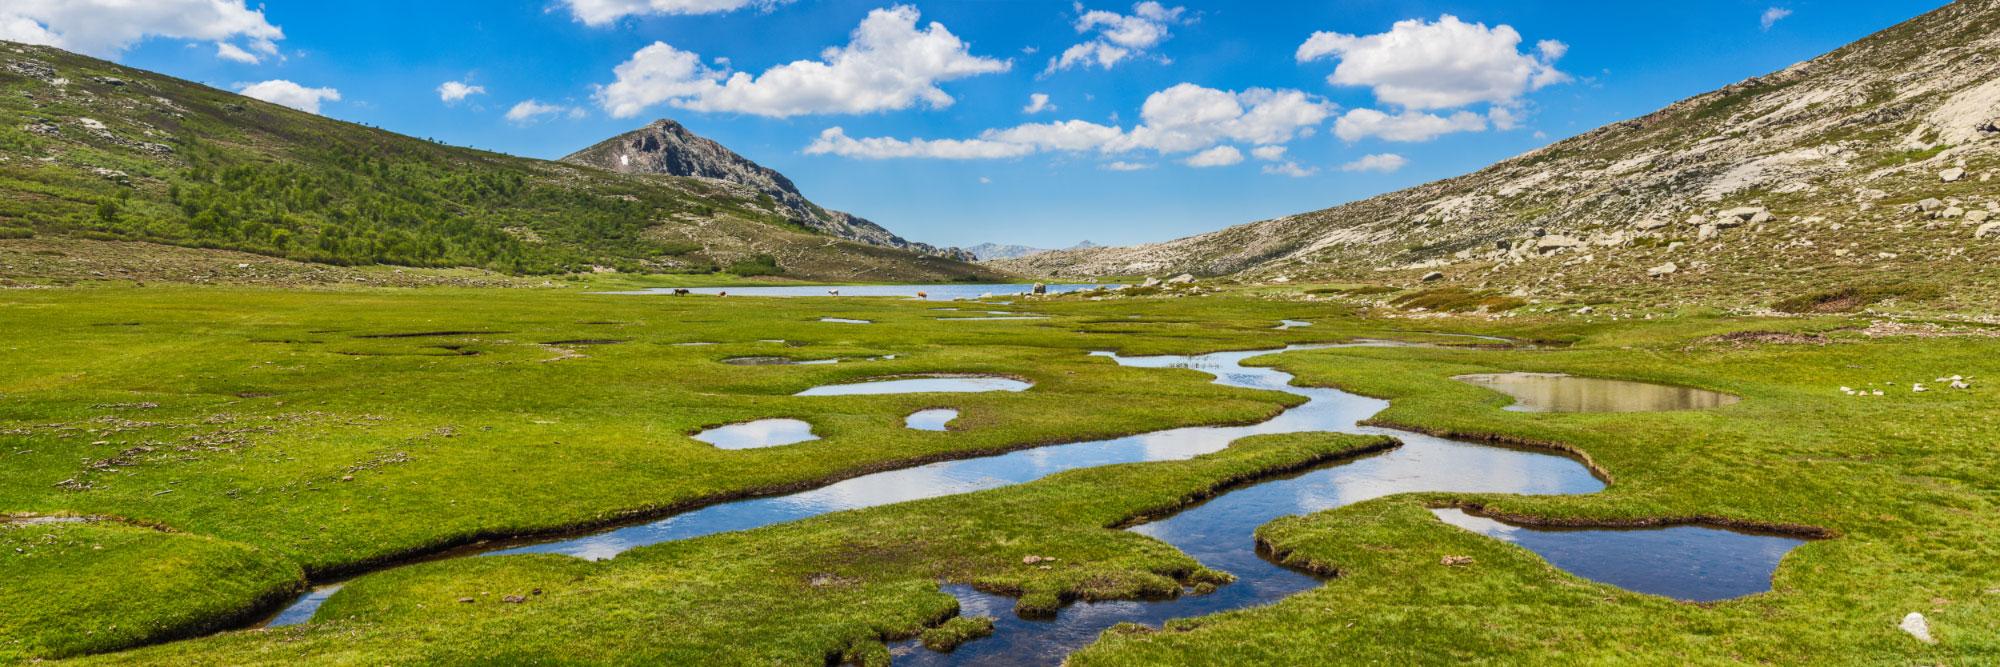 Pozzines près du lac de Nino,